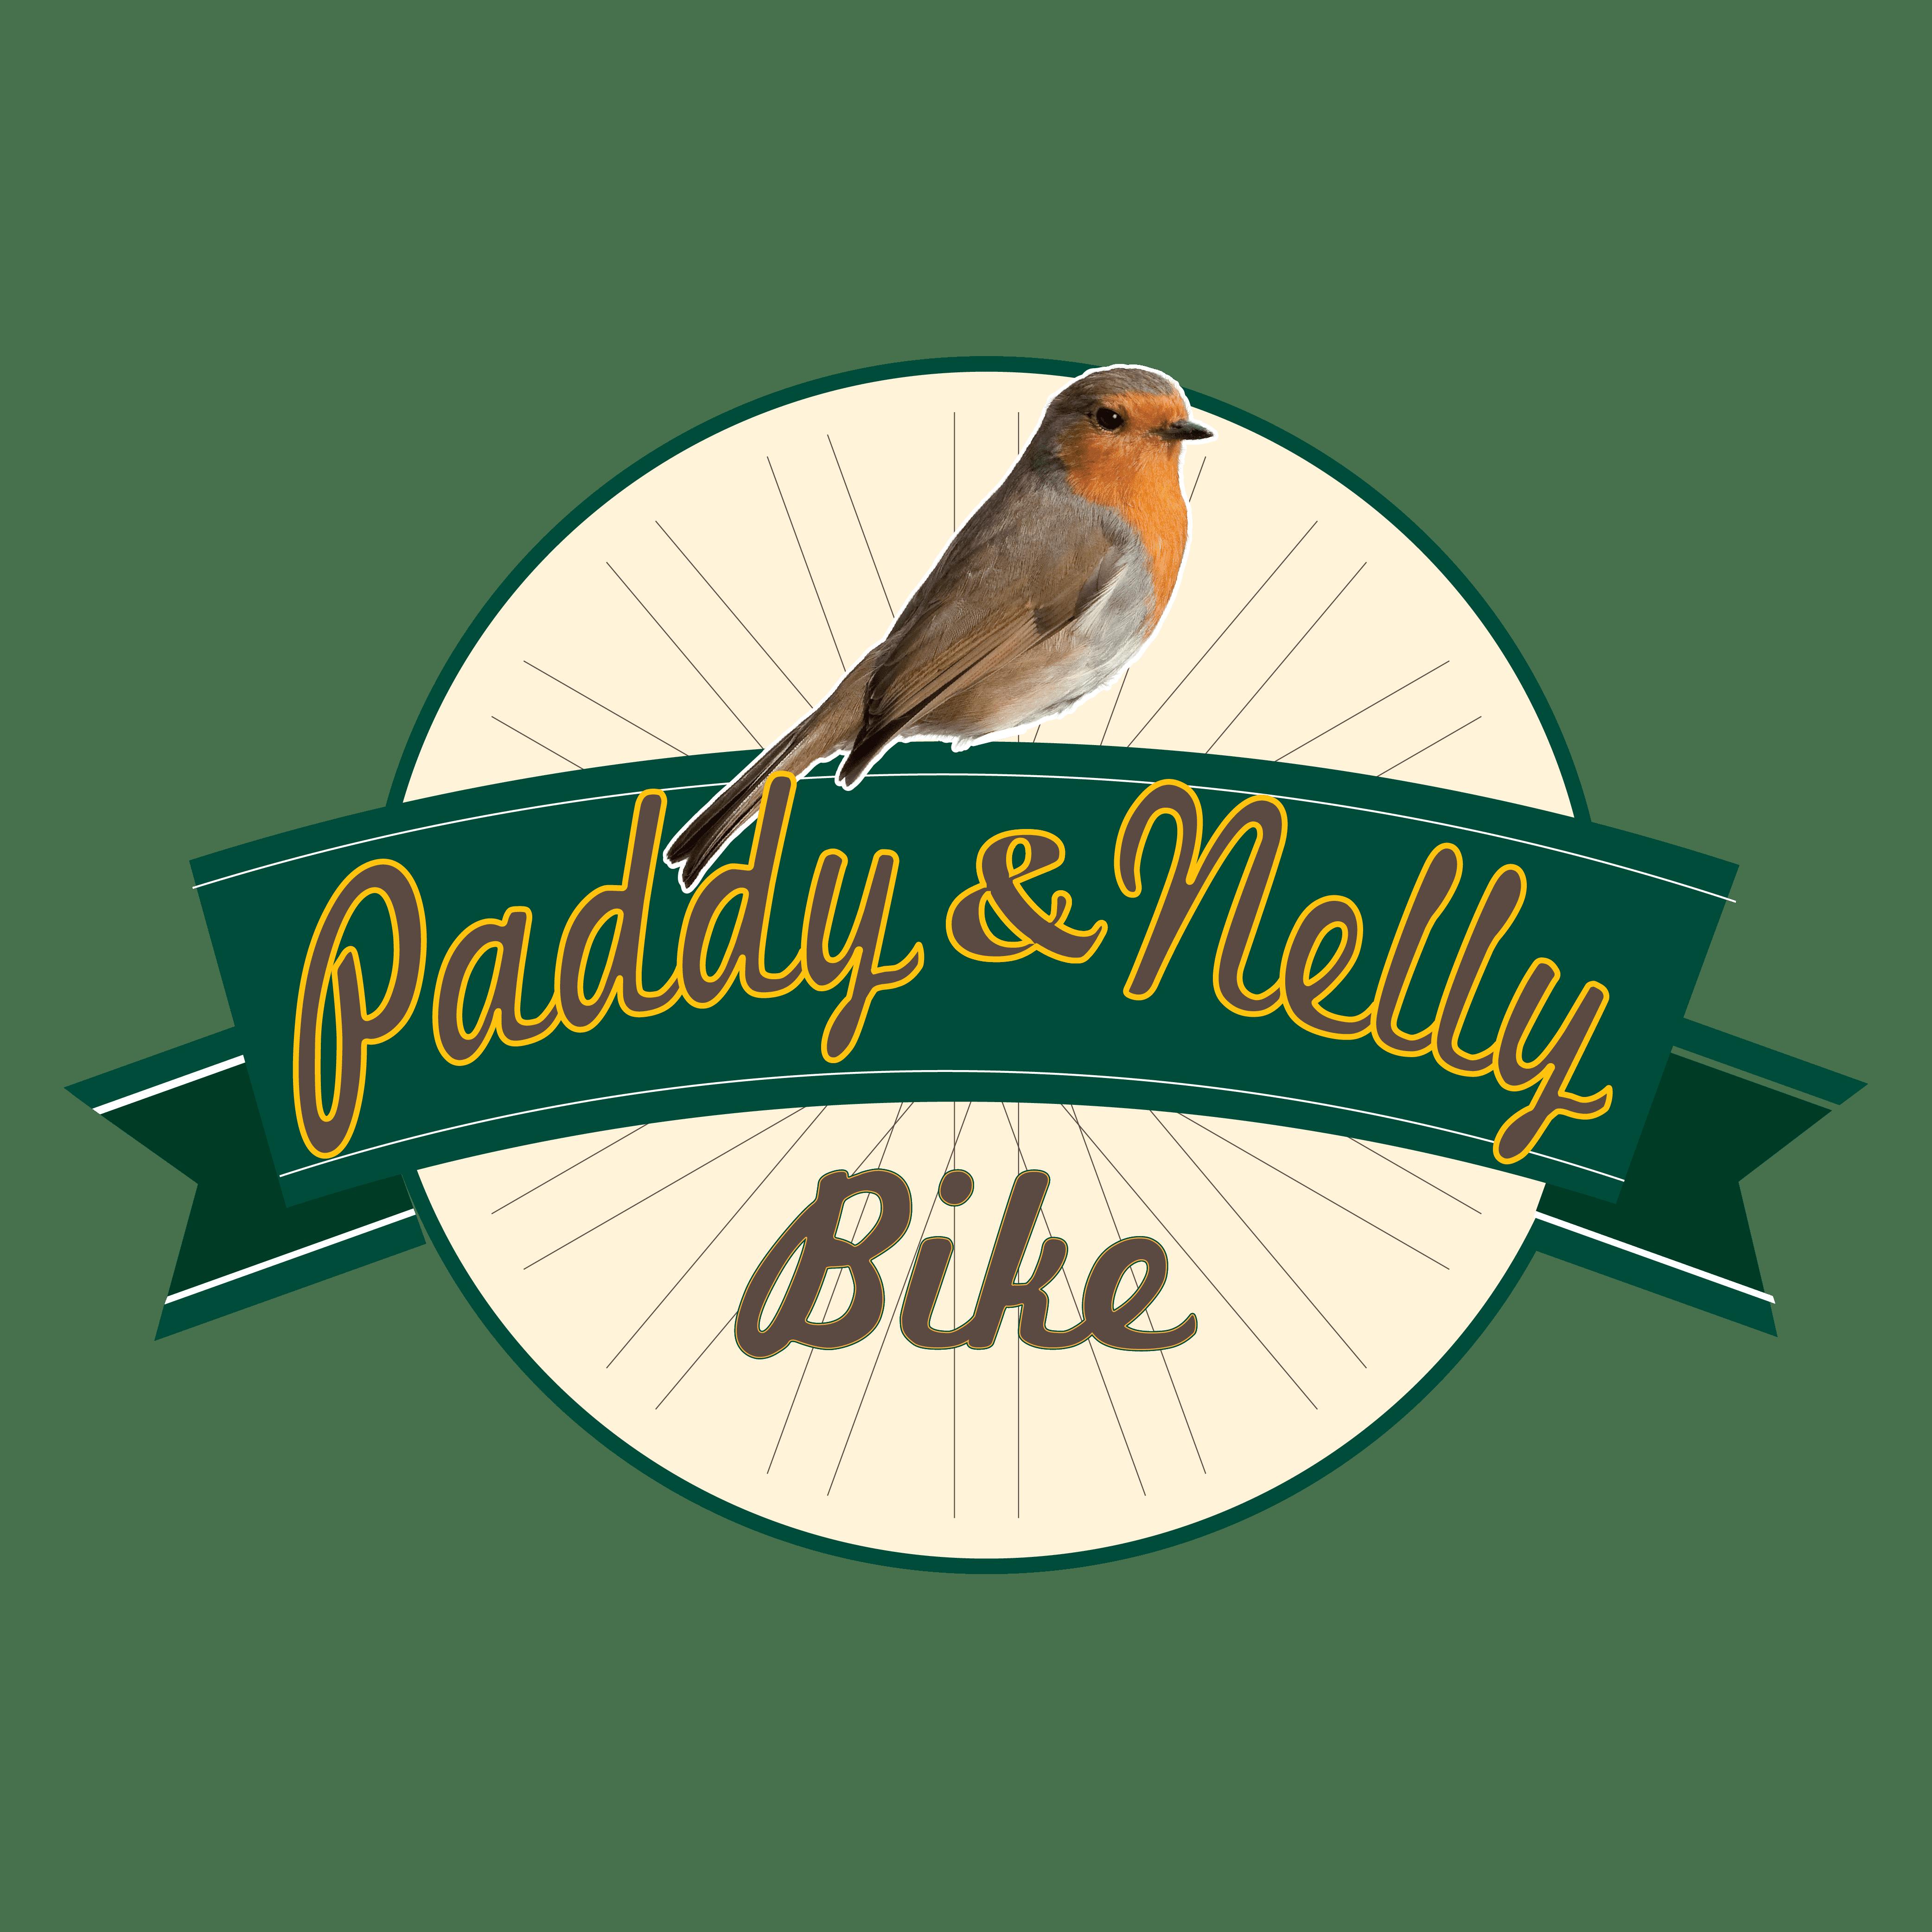 PaddyandNellyv1-01 - Copy.jpg